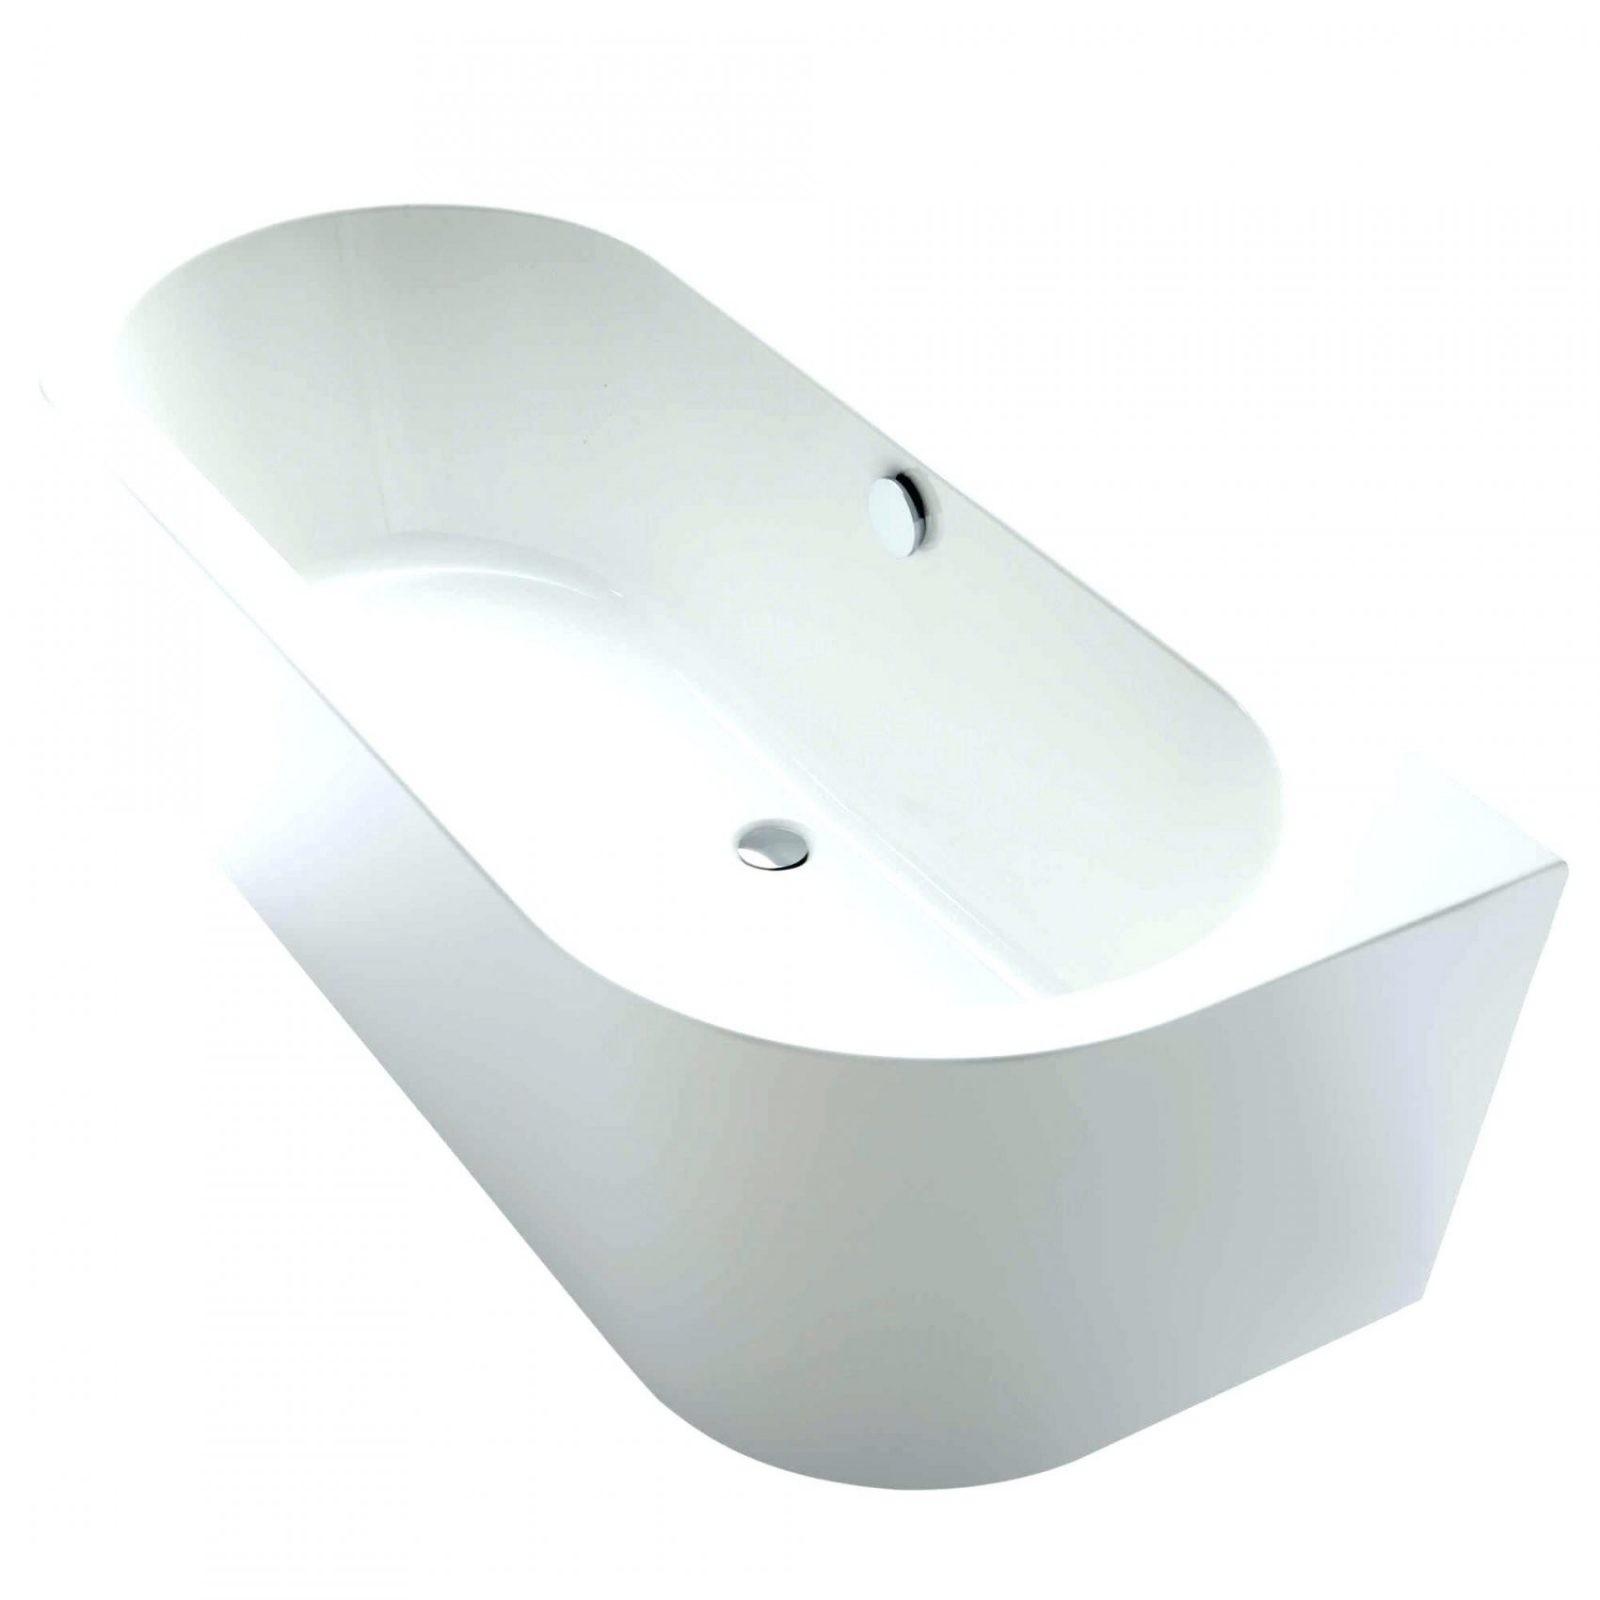 Einfach Freistehende Badewanne Bauhaus Camargue Tao L X B 173 80 Cm von Freistehende Badewanne Bauhaus Bild